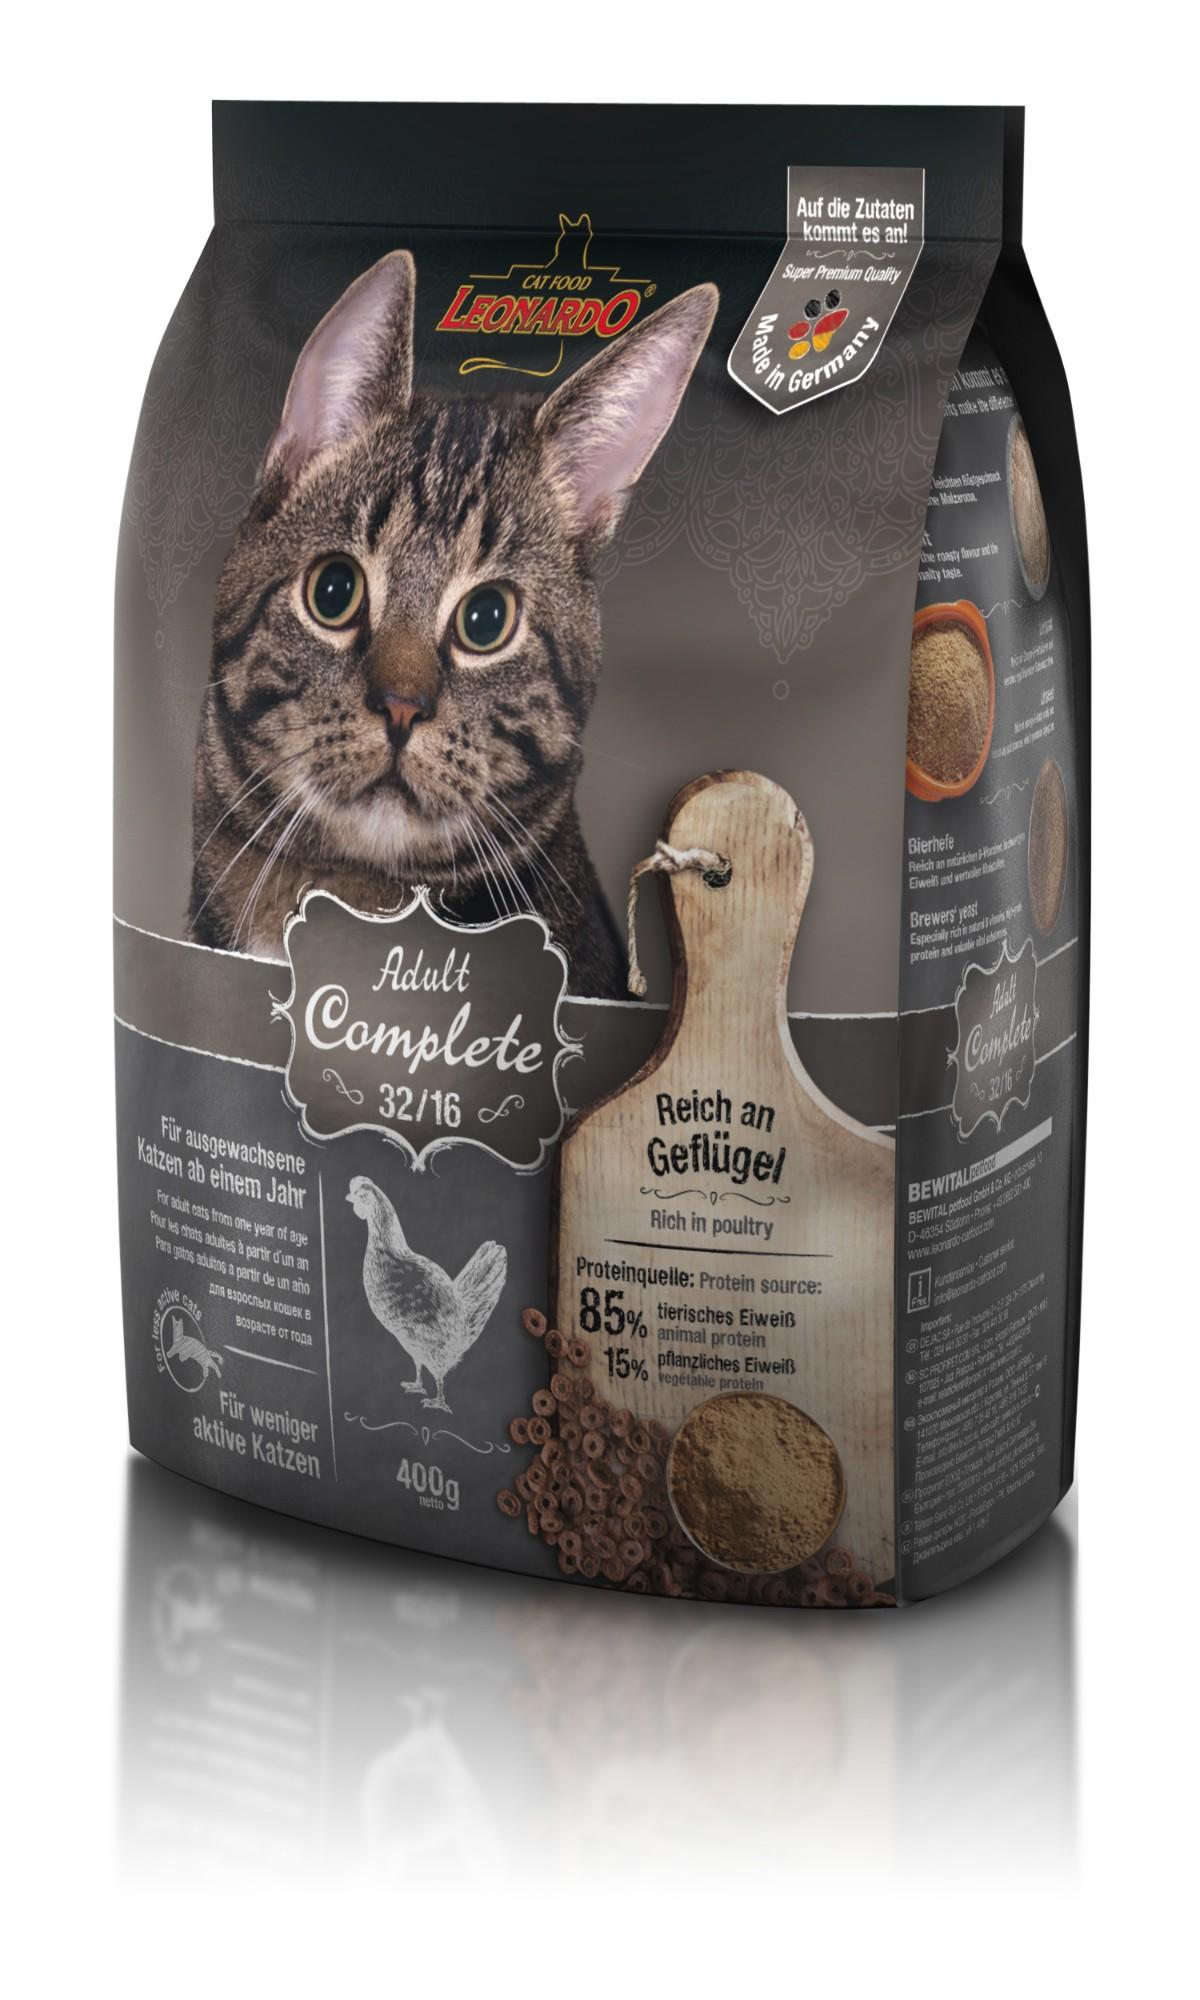 LEONARDO maistas mažo aktyvumo suaugusioms katėms, 0.4 kg